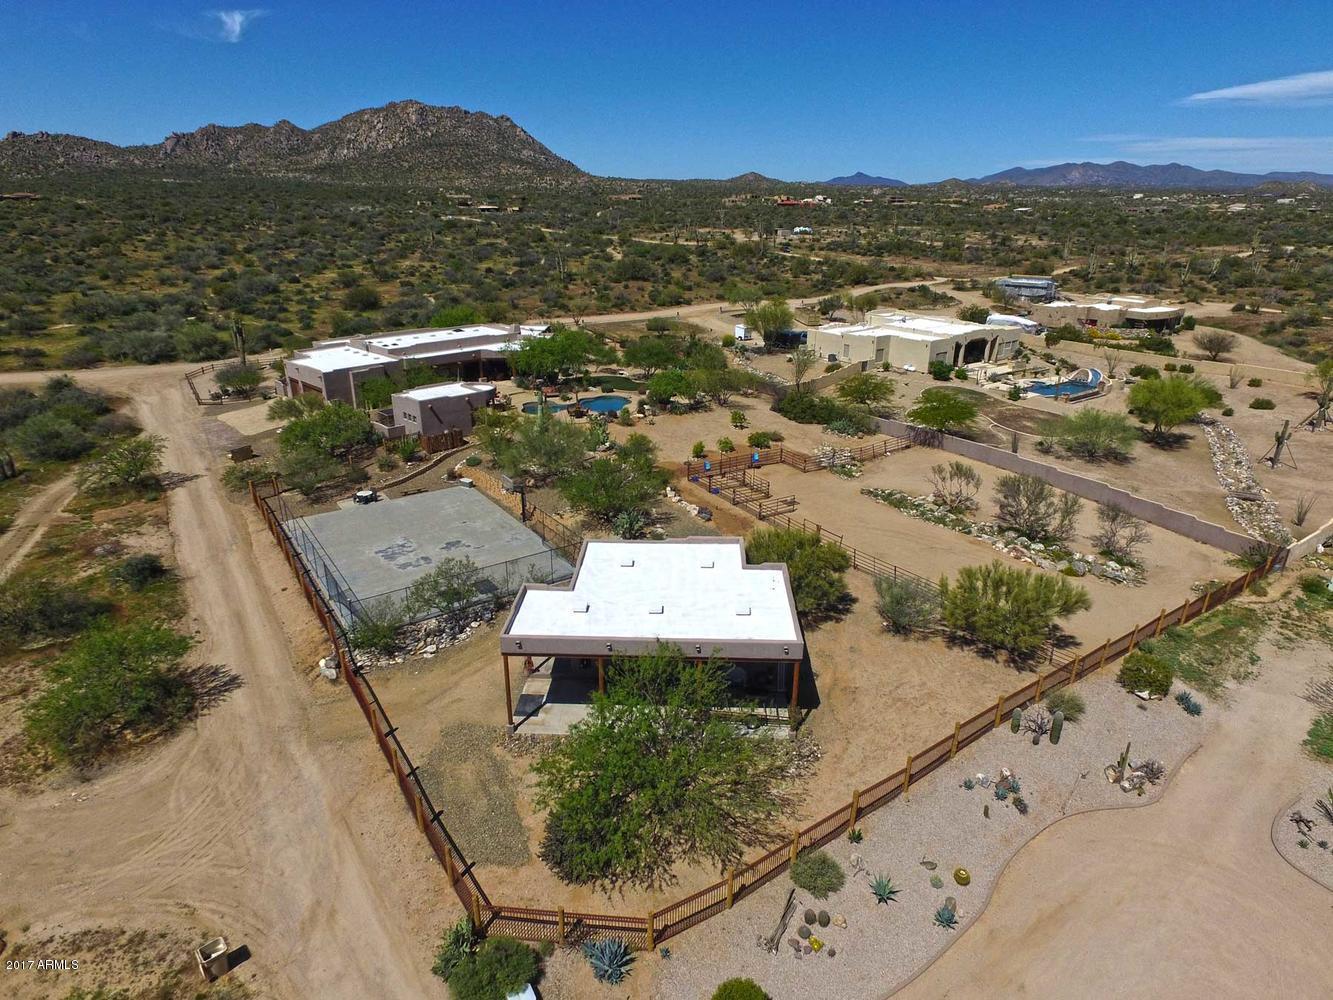 MLS 5589478 32007 N 140TH Street, Scottsdale, AZ Rio Verde in Scottsdale